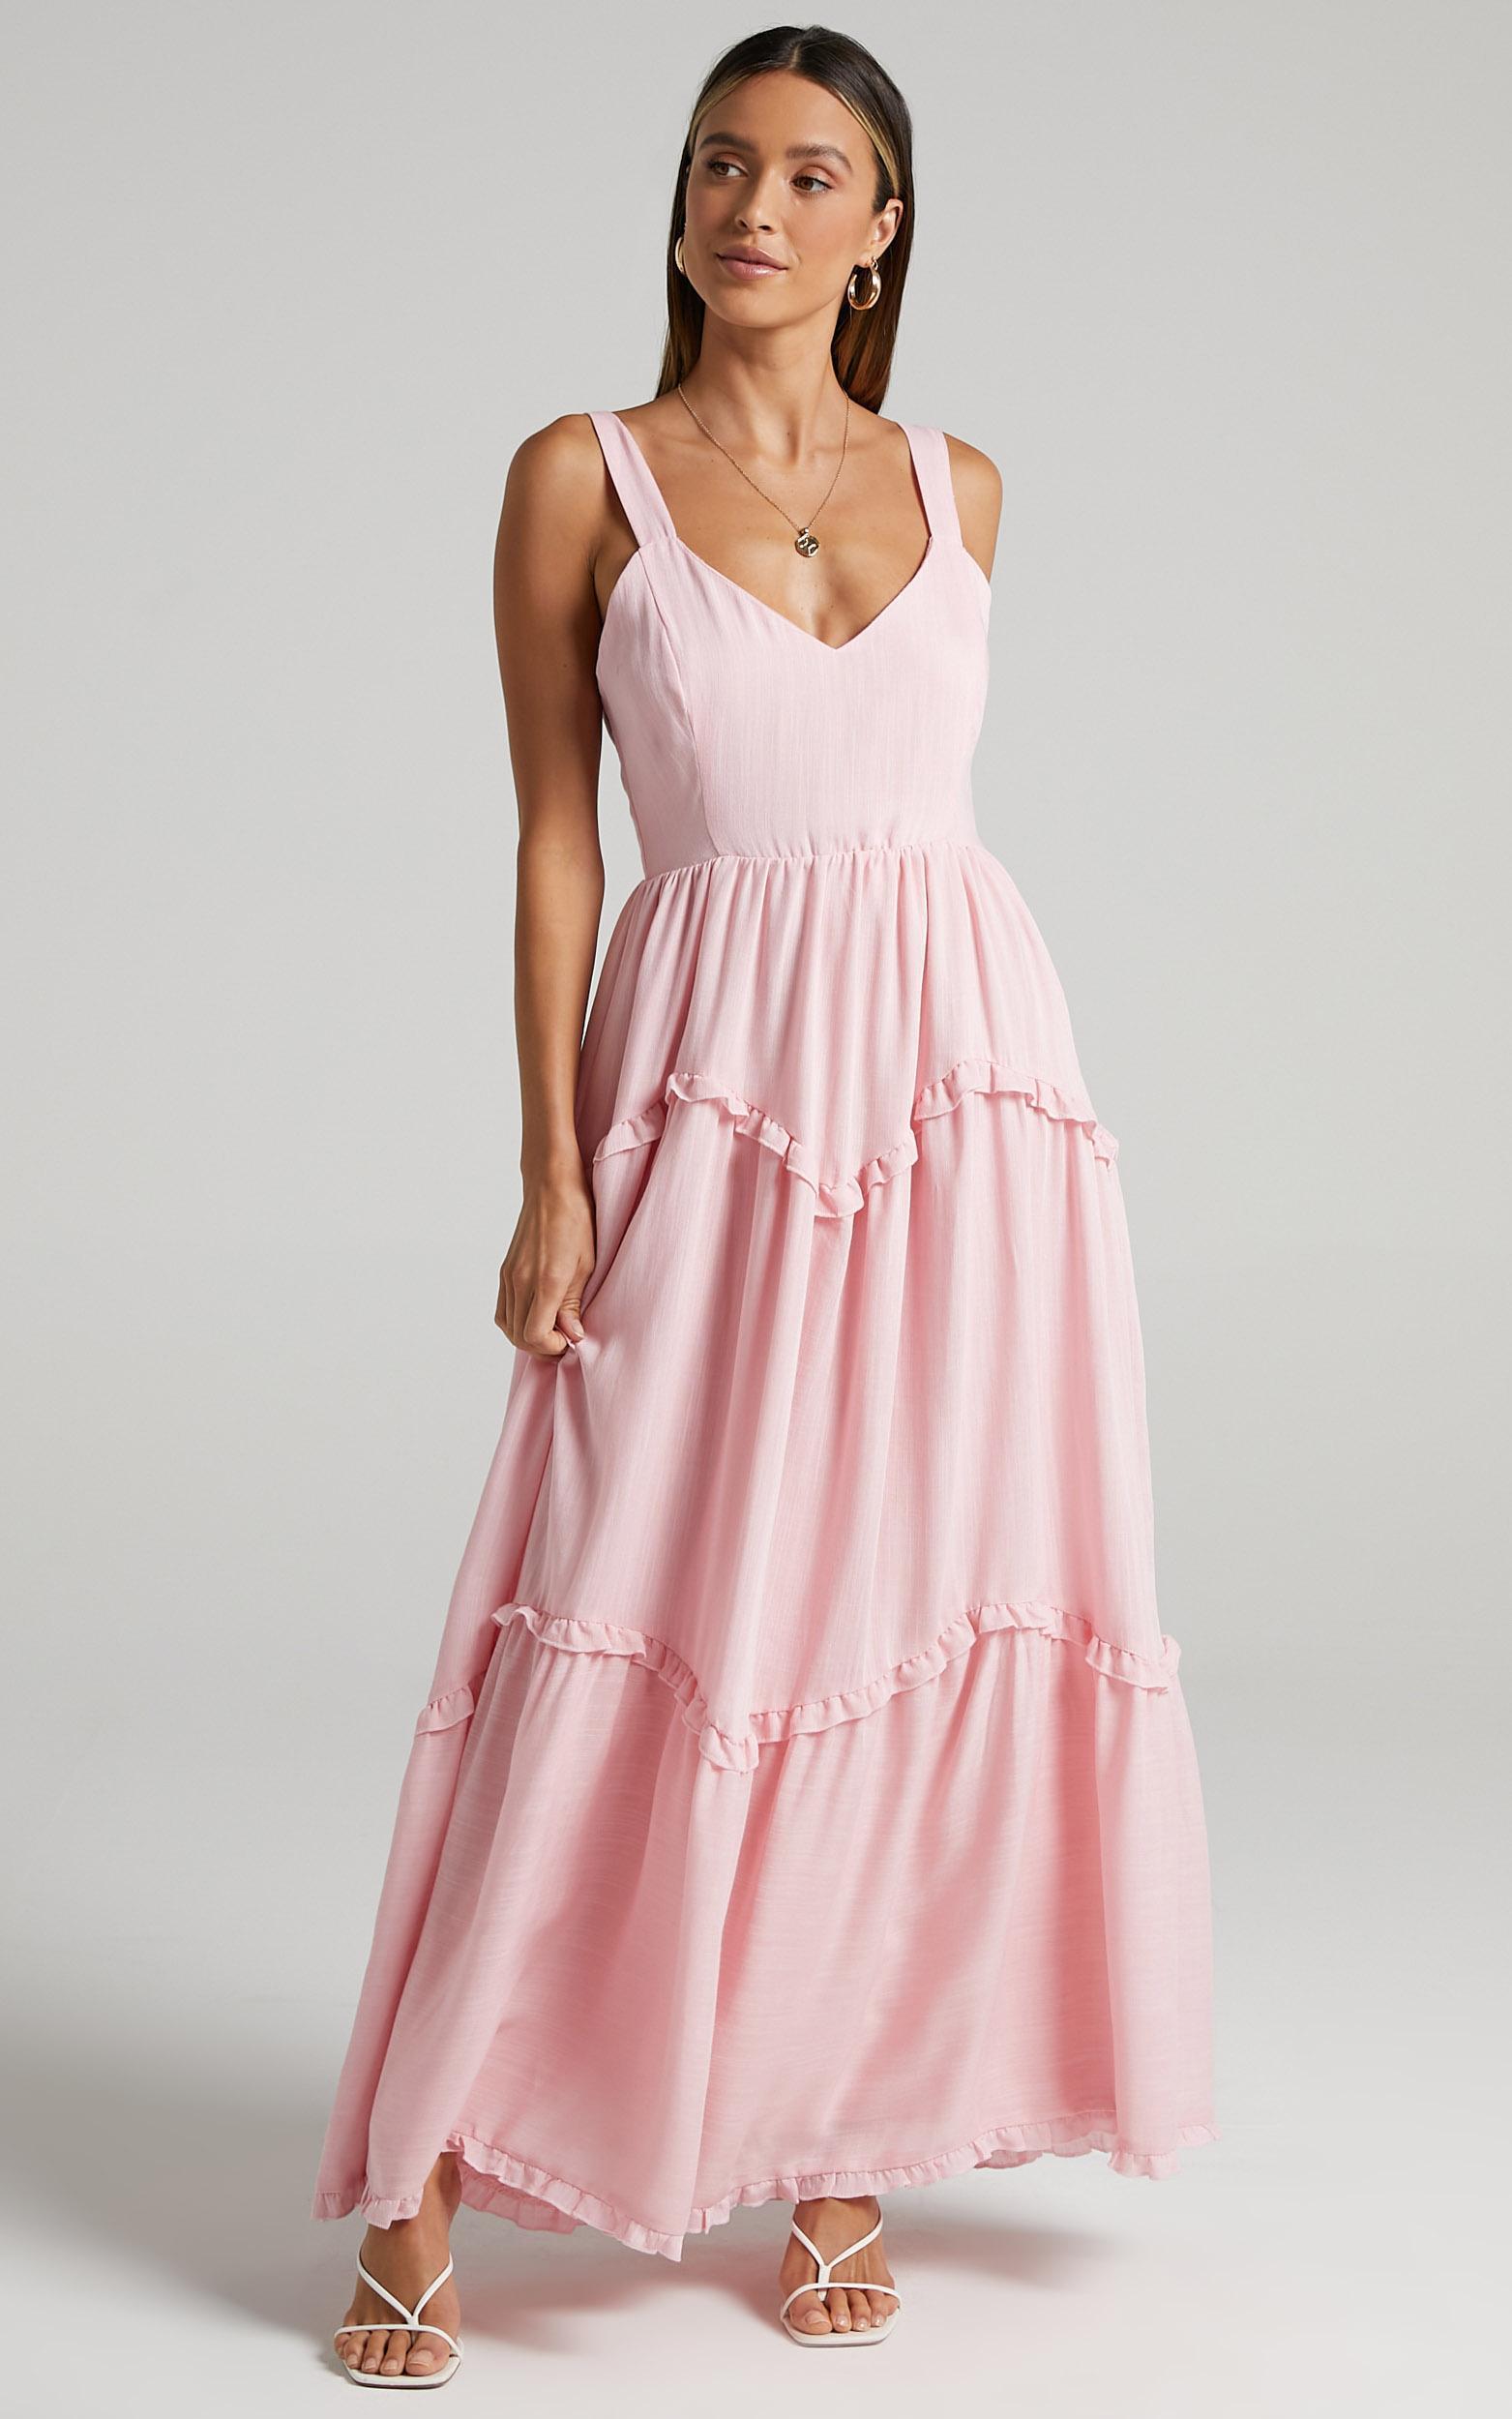 Sakura Dress in Pink - 6 (XS), PNK1, hi-res image number null